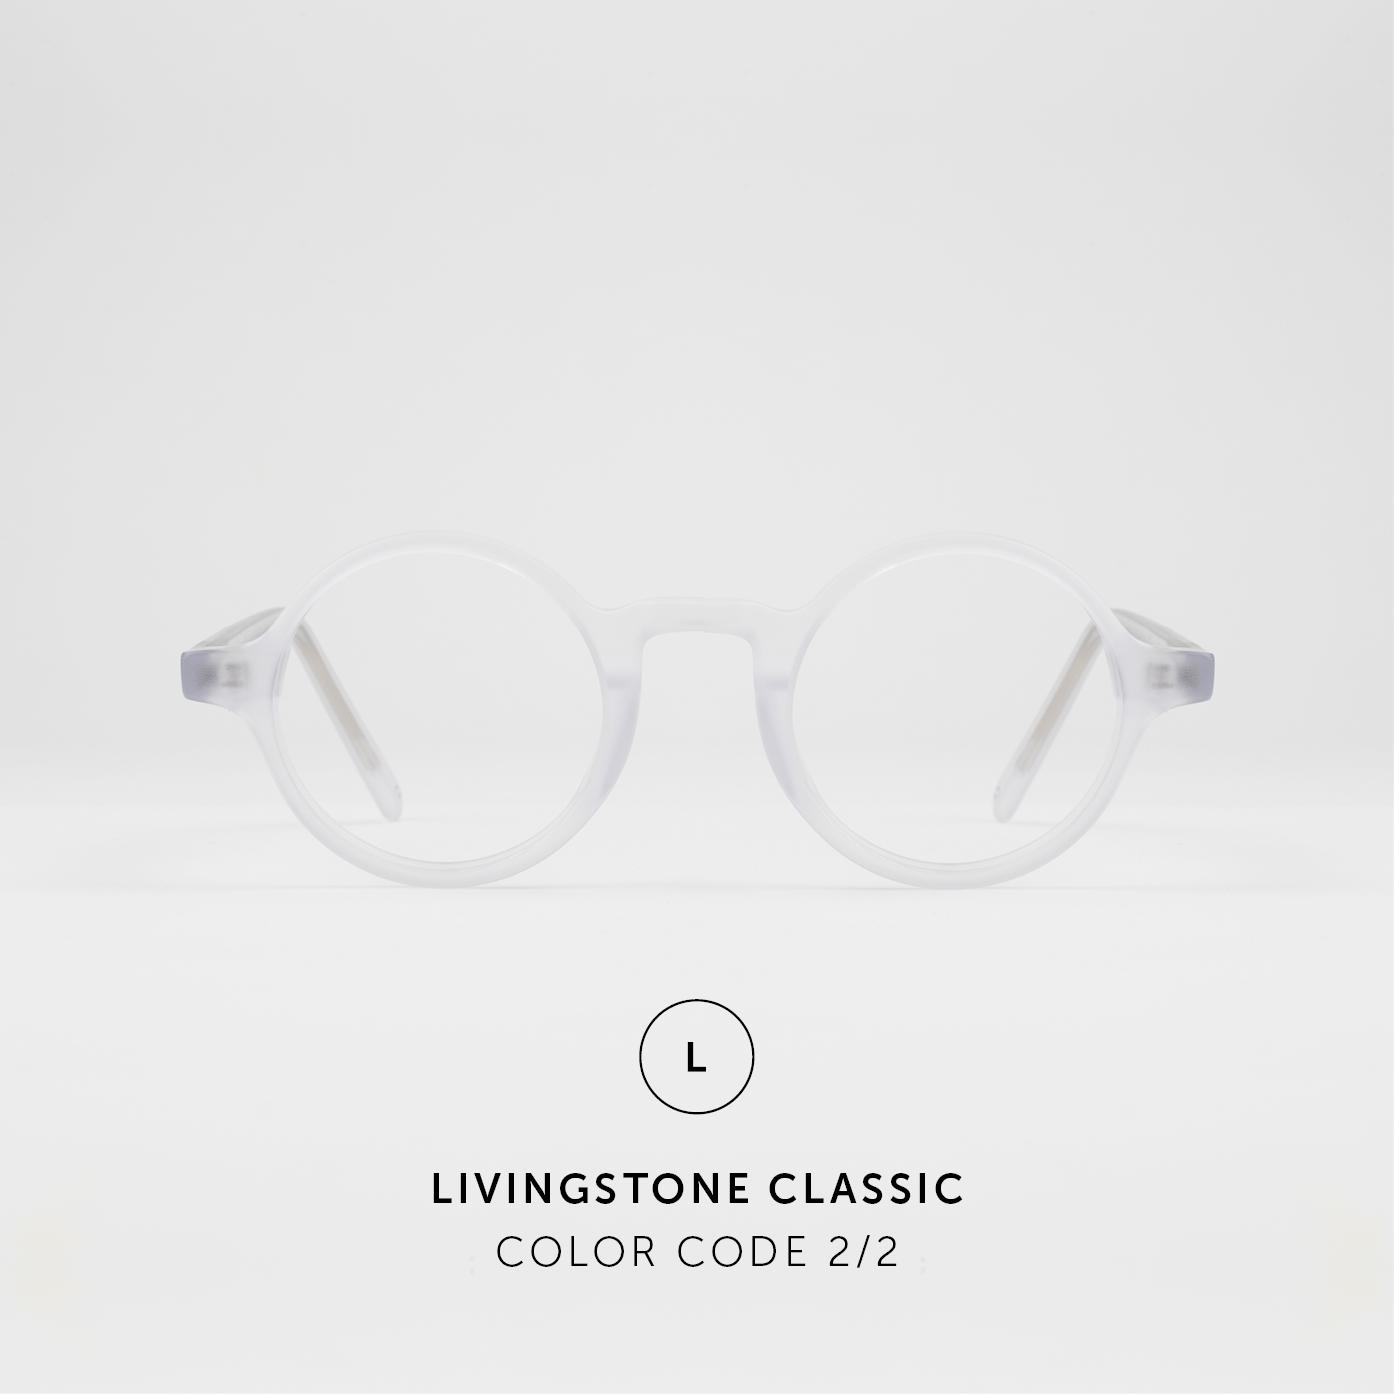 LivingstoneClassic17.jpg